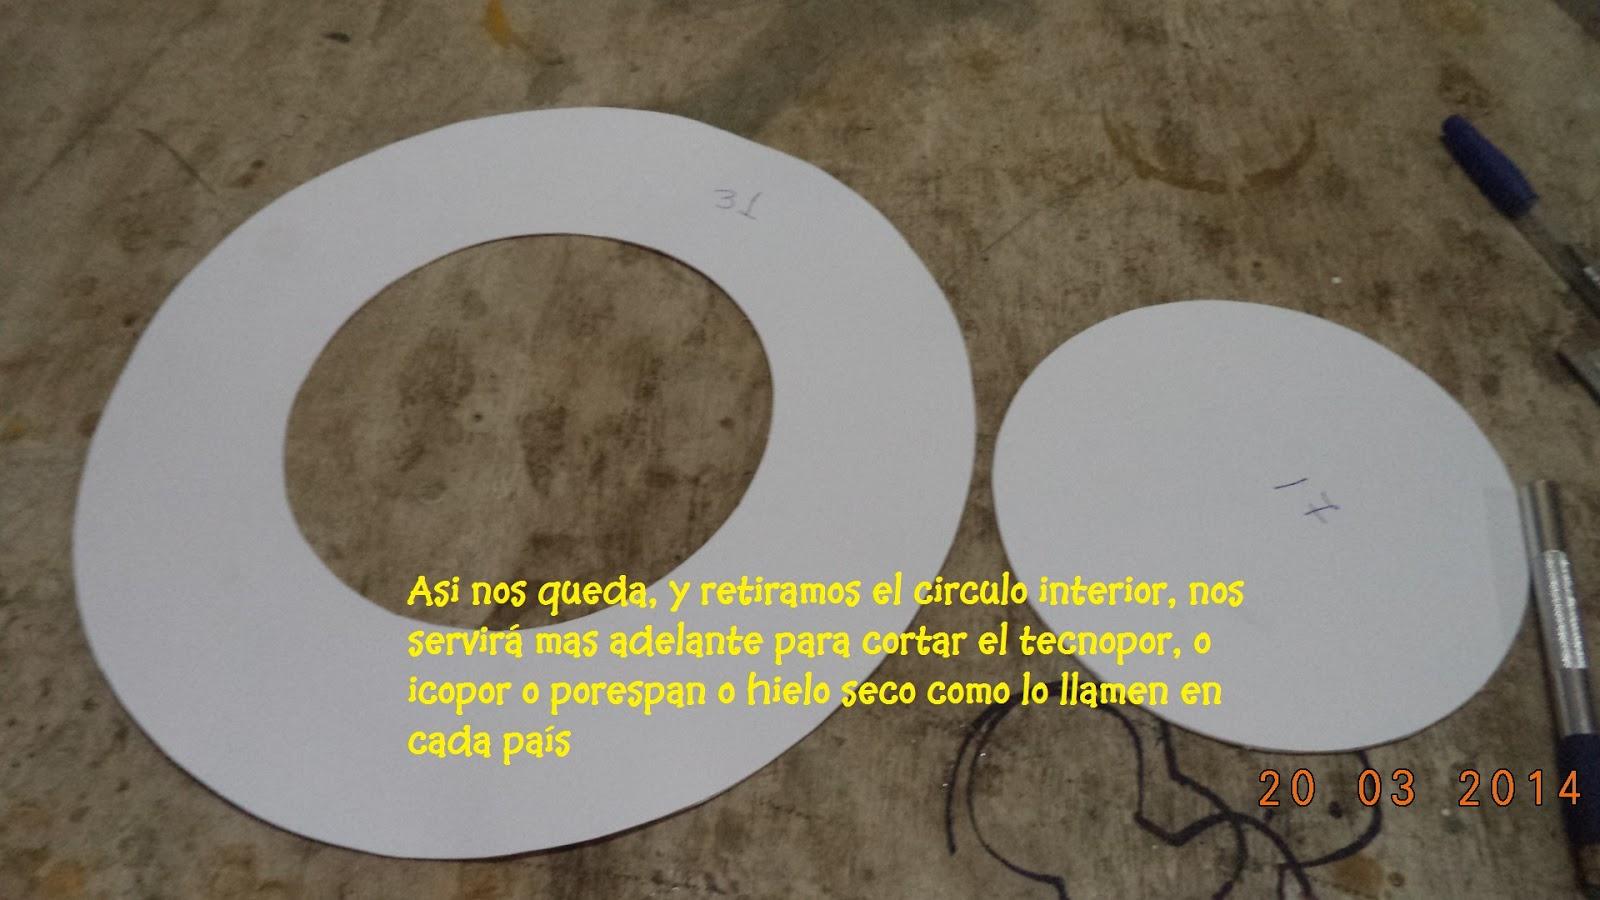 935431efac74d Hacemos un circulo de 31 cm con uno circulo de 17 cm en el centro